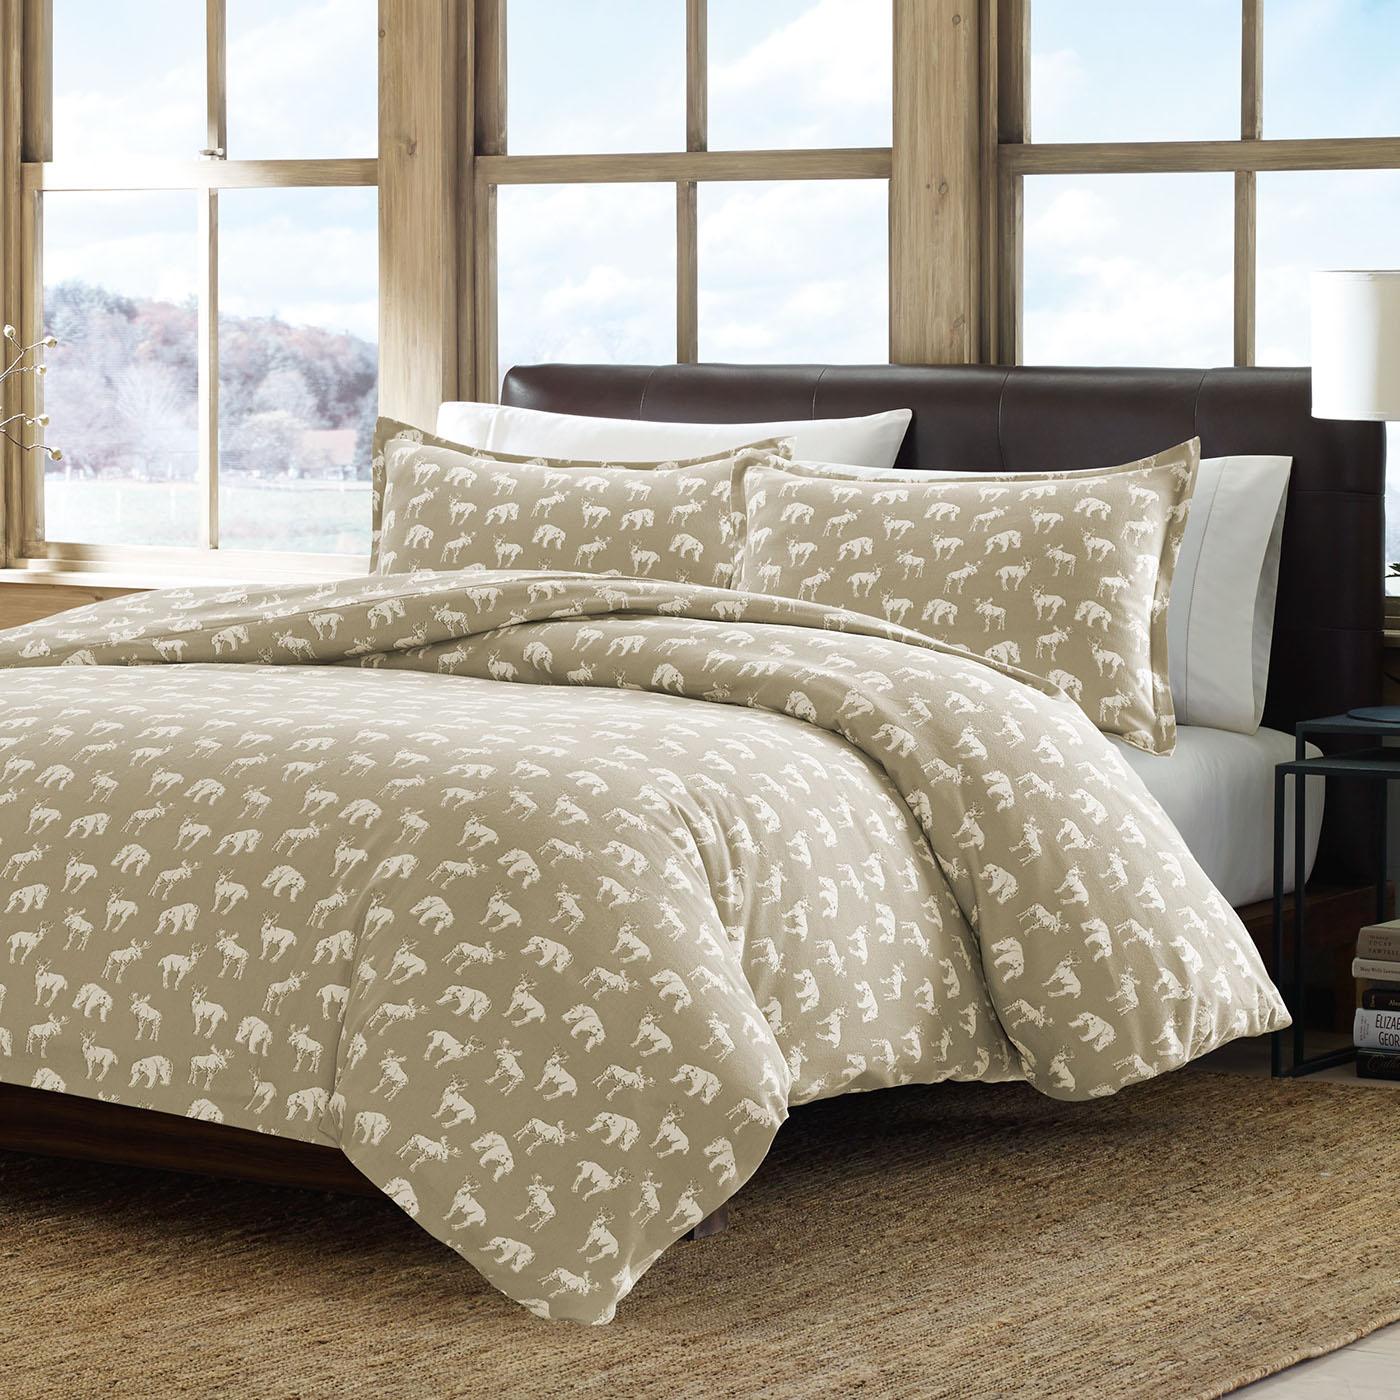 bed eddie bauer comforter lightweight power summer bedding fill weight down